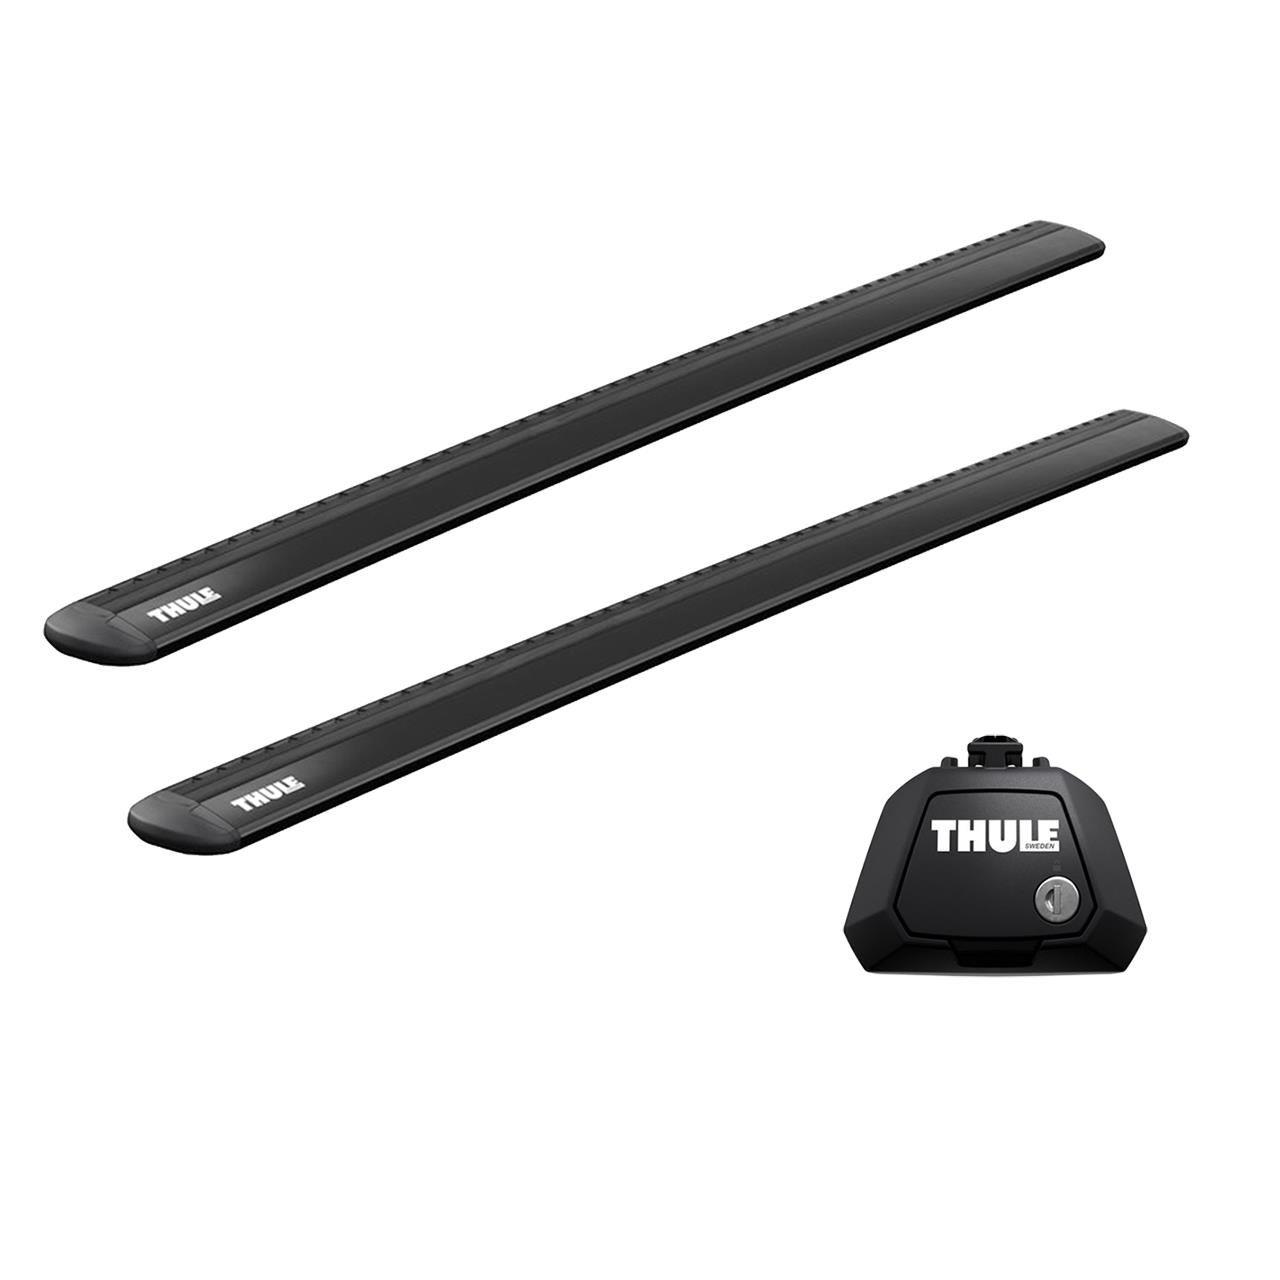 Напречни греди Thule Evo Raised Rail WingBar Evo 127cm в Черно за JEEP Grand Cherokee 5 врати SUV 02-10 с фабрични надлъжни греди с просвет 1